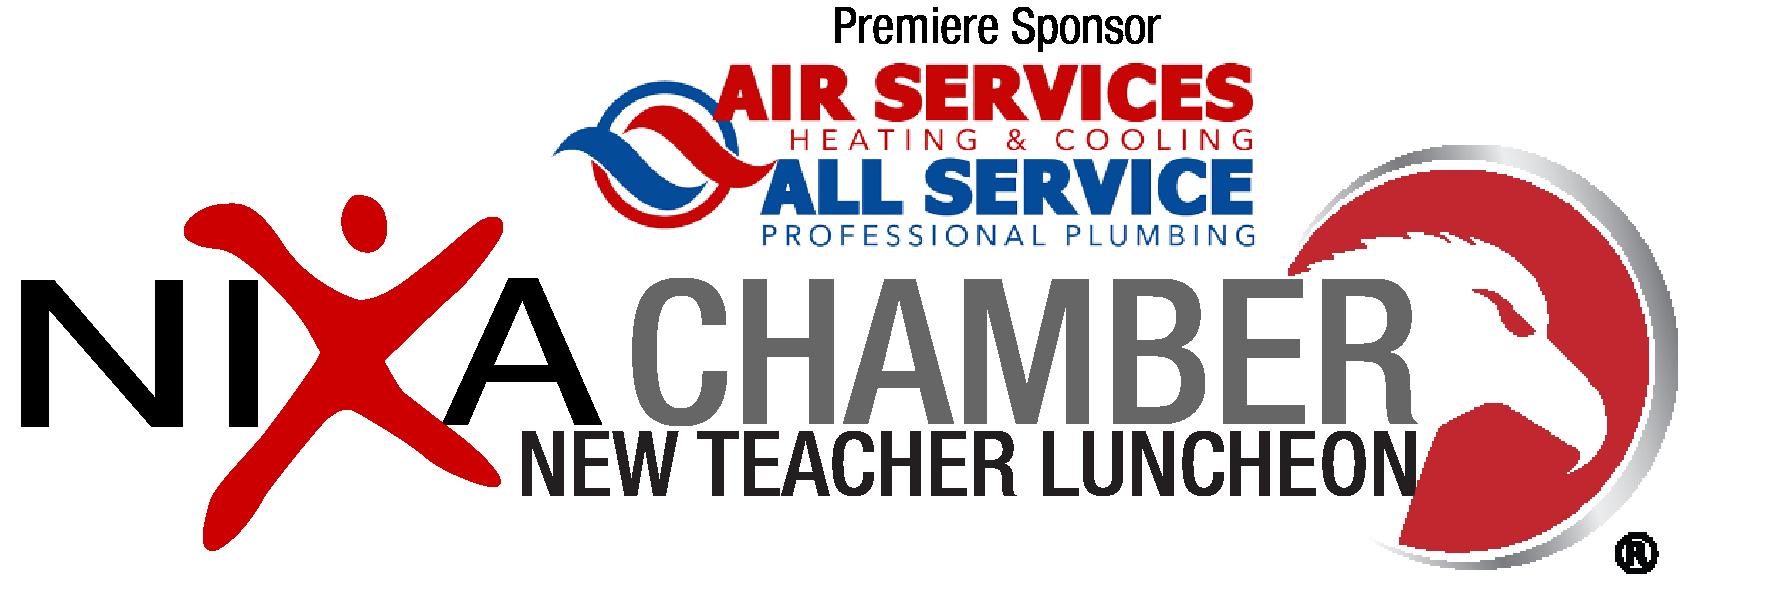 nixa chamber teacher luncheon logo air services